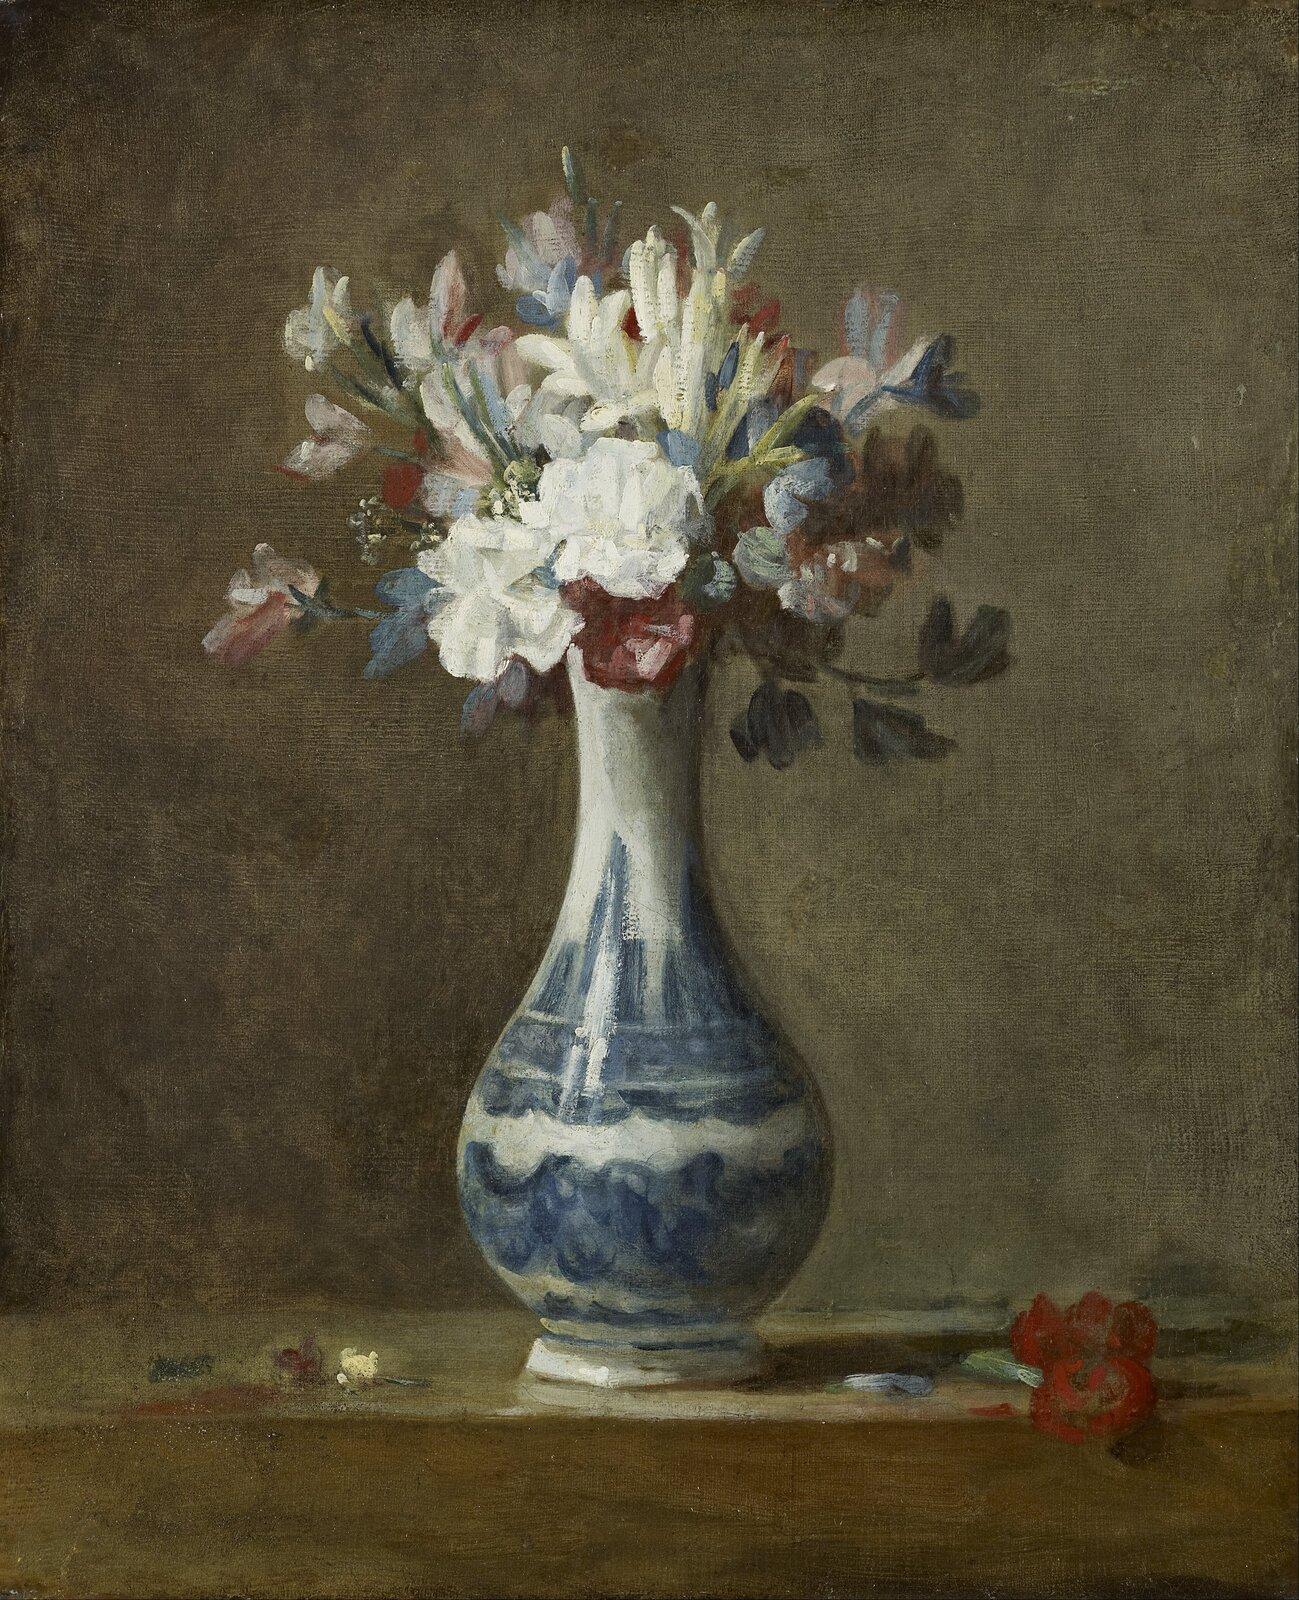 """Ilustracja przedstawia obraz """"Wazon zkwiatami"""" autorstwa Jeana-Baptistea Chardina. Wcentrum statycznej kompozycji ukazany jest bukiet wceramicznym, białym flakonie zniebieskim ornamentem. Delikatne, biało-niebiesko-różowe kwiaty wystające znad wąskiej szyjki wazonu namalowane są widocznymi, lekkimi pociągnięciami pędzla. Flakon zbukietem stoi na brązowym blacie stołu na którym leżą drobne fragmenty kwiatów. Tło stanowi szaro-brązowa ściana. Całość obrazu namalowana jest luźno, bez zbędnej dbałości oszczegół, mimo to artyście udało się wiernie oddać różny rodzaj materii przedmiotów: gładkość wazonu, delikatność kwiatów czy chropowatość ściany. Dzieło wykonane jest wtechnice olejnej."""